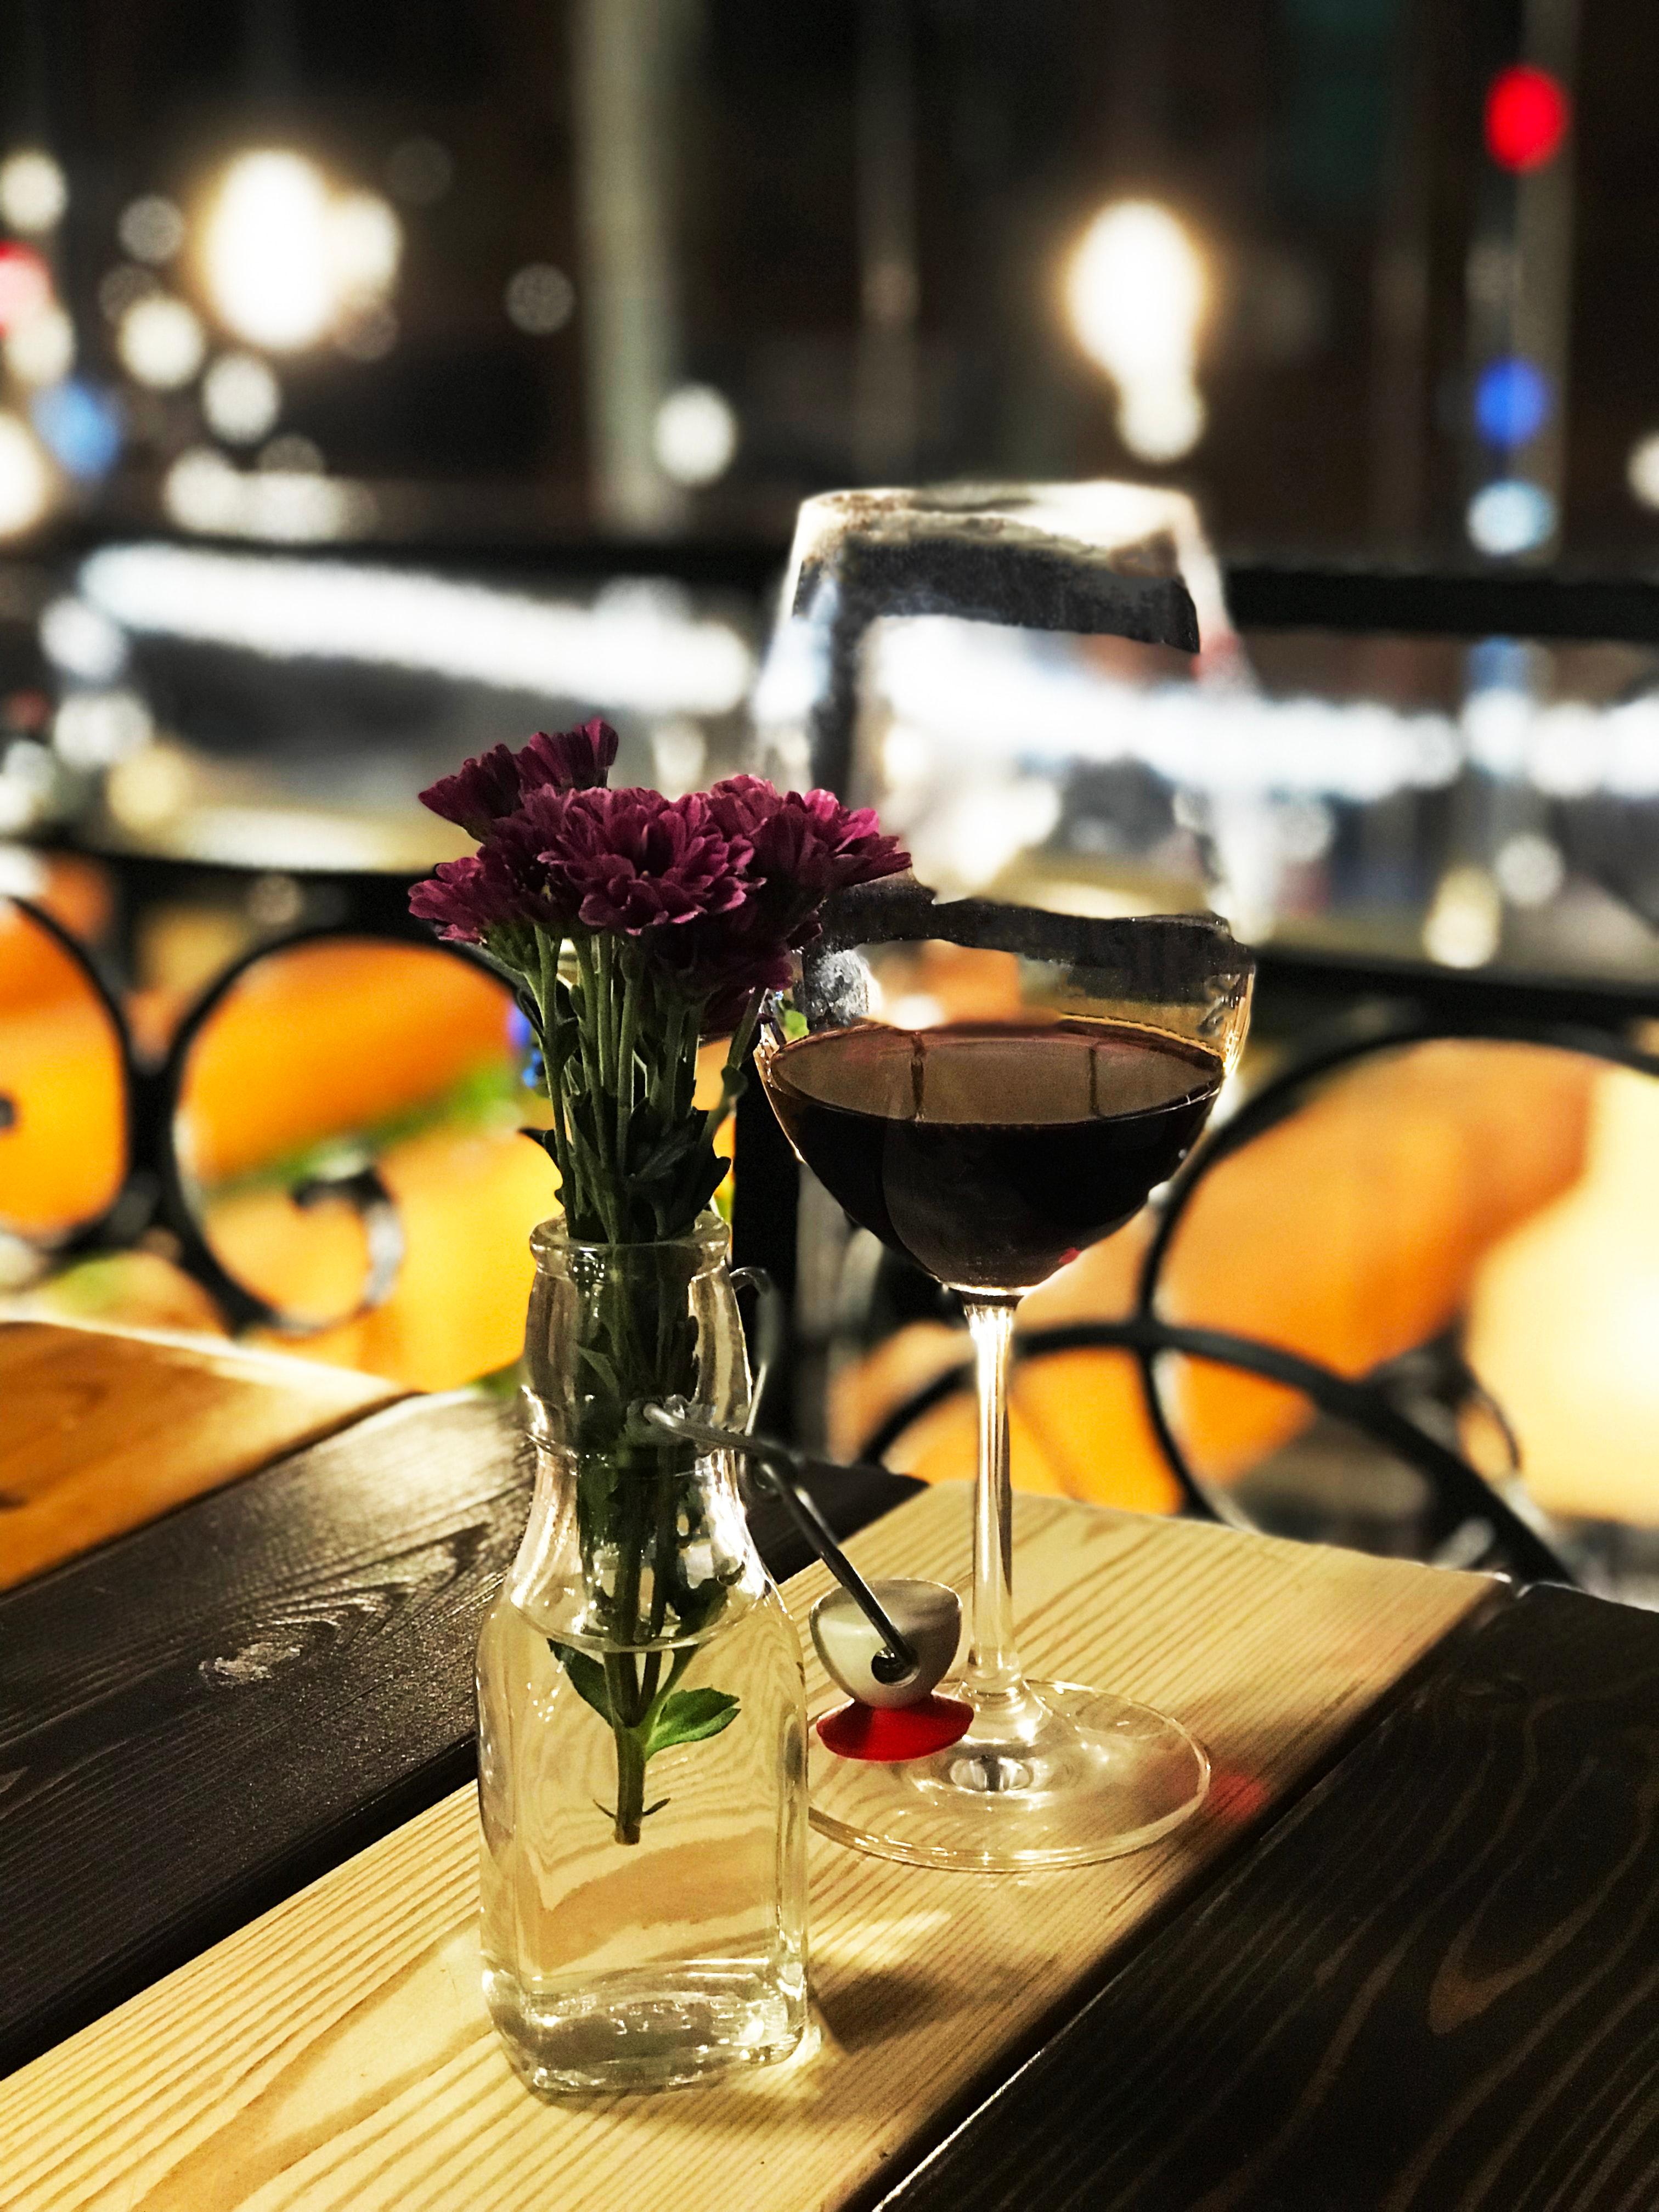 Œil, nez, bouche : comment déguster et apprécier un vin en 3 étapes ?